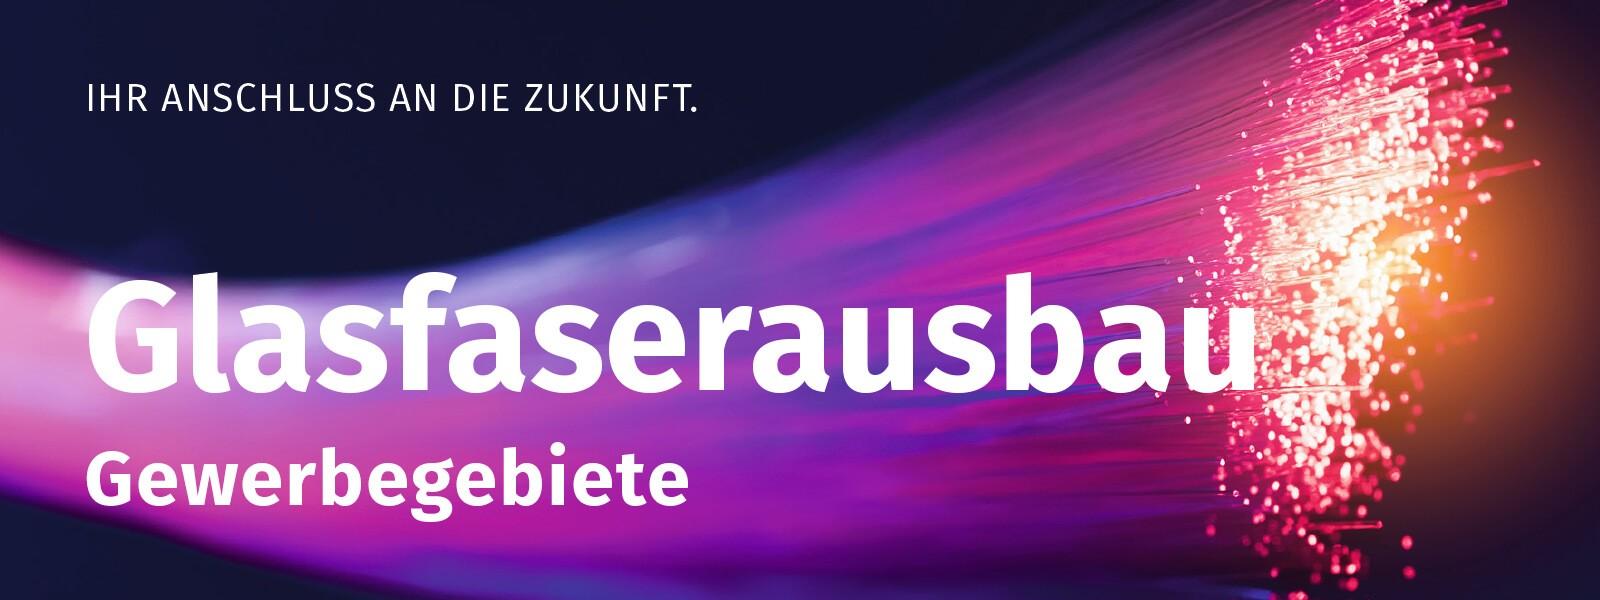 Glasfaserausbau für Gewerbegebiete in Plauen und Vogtland